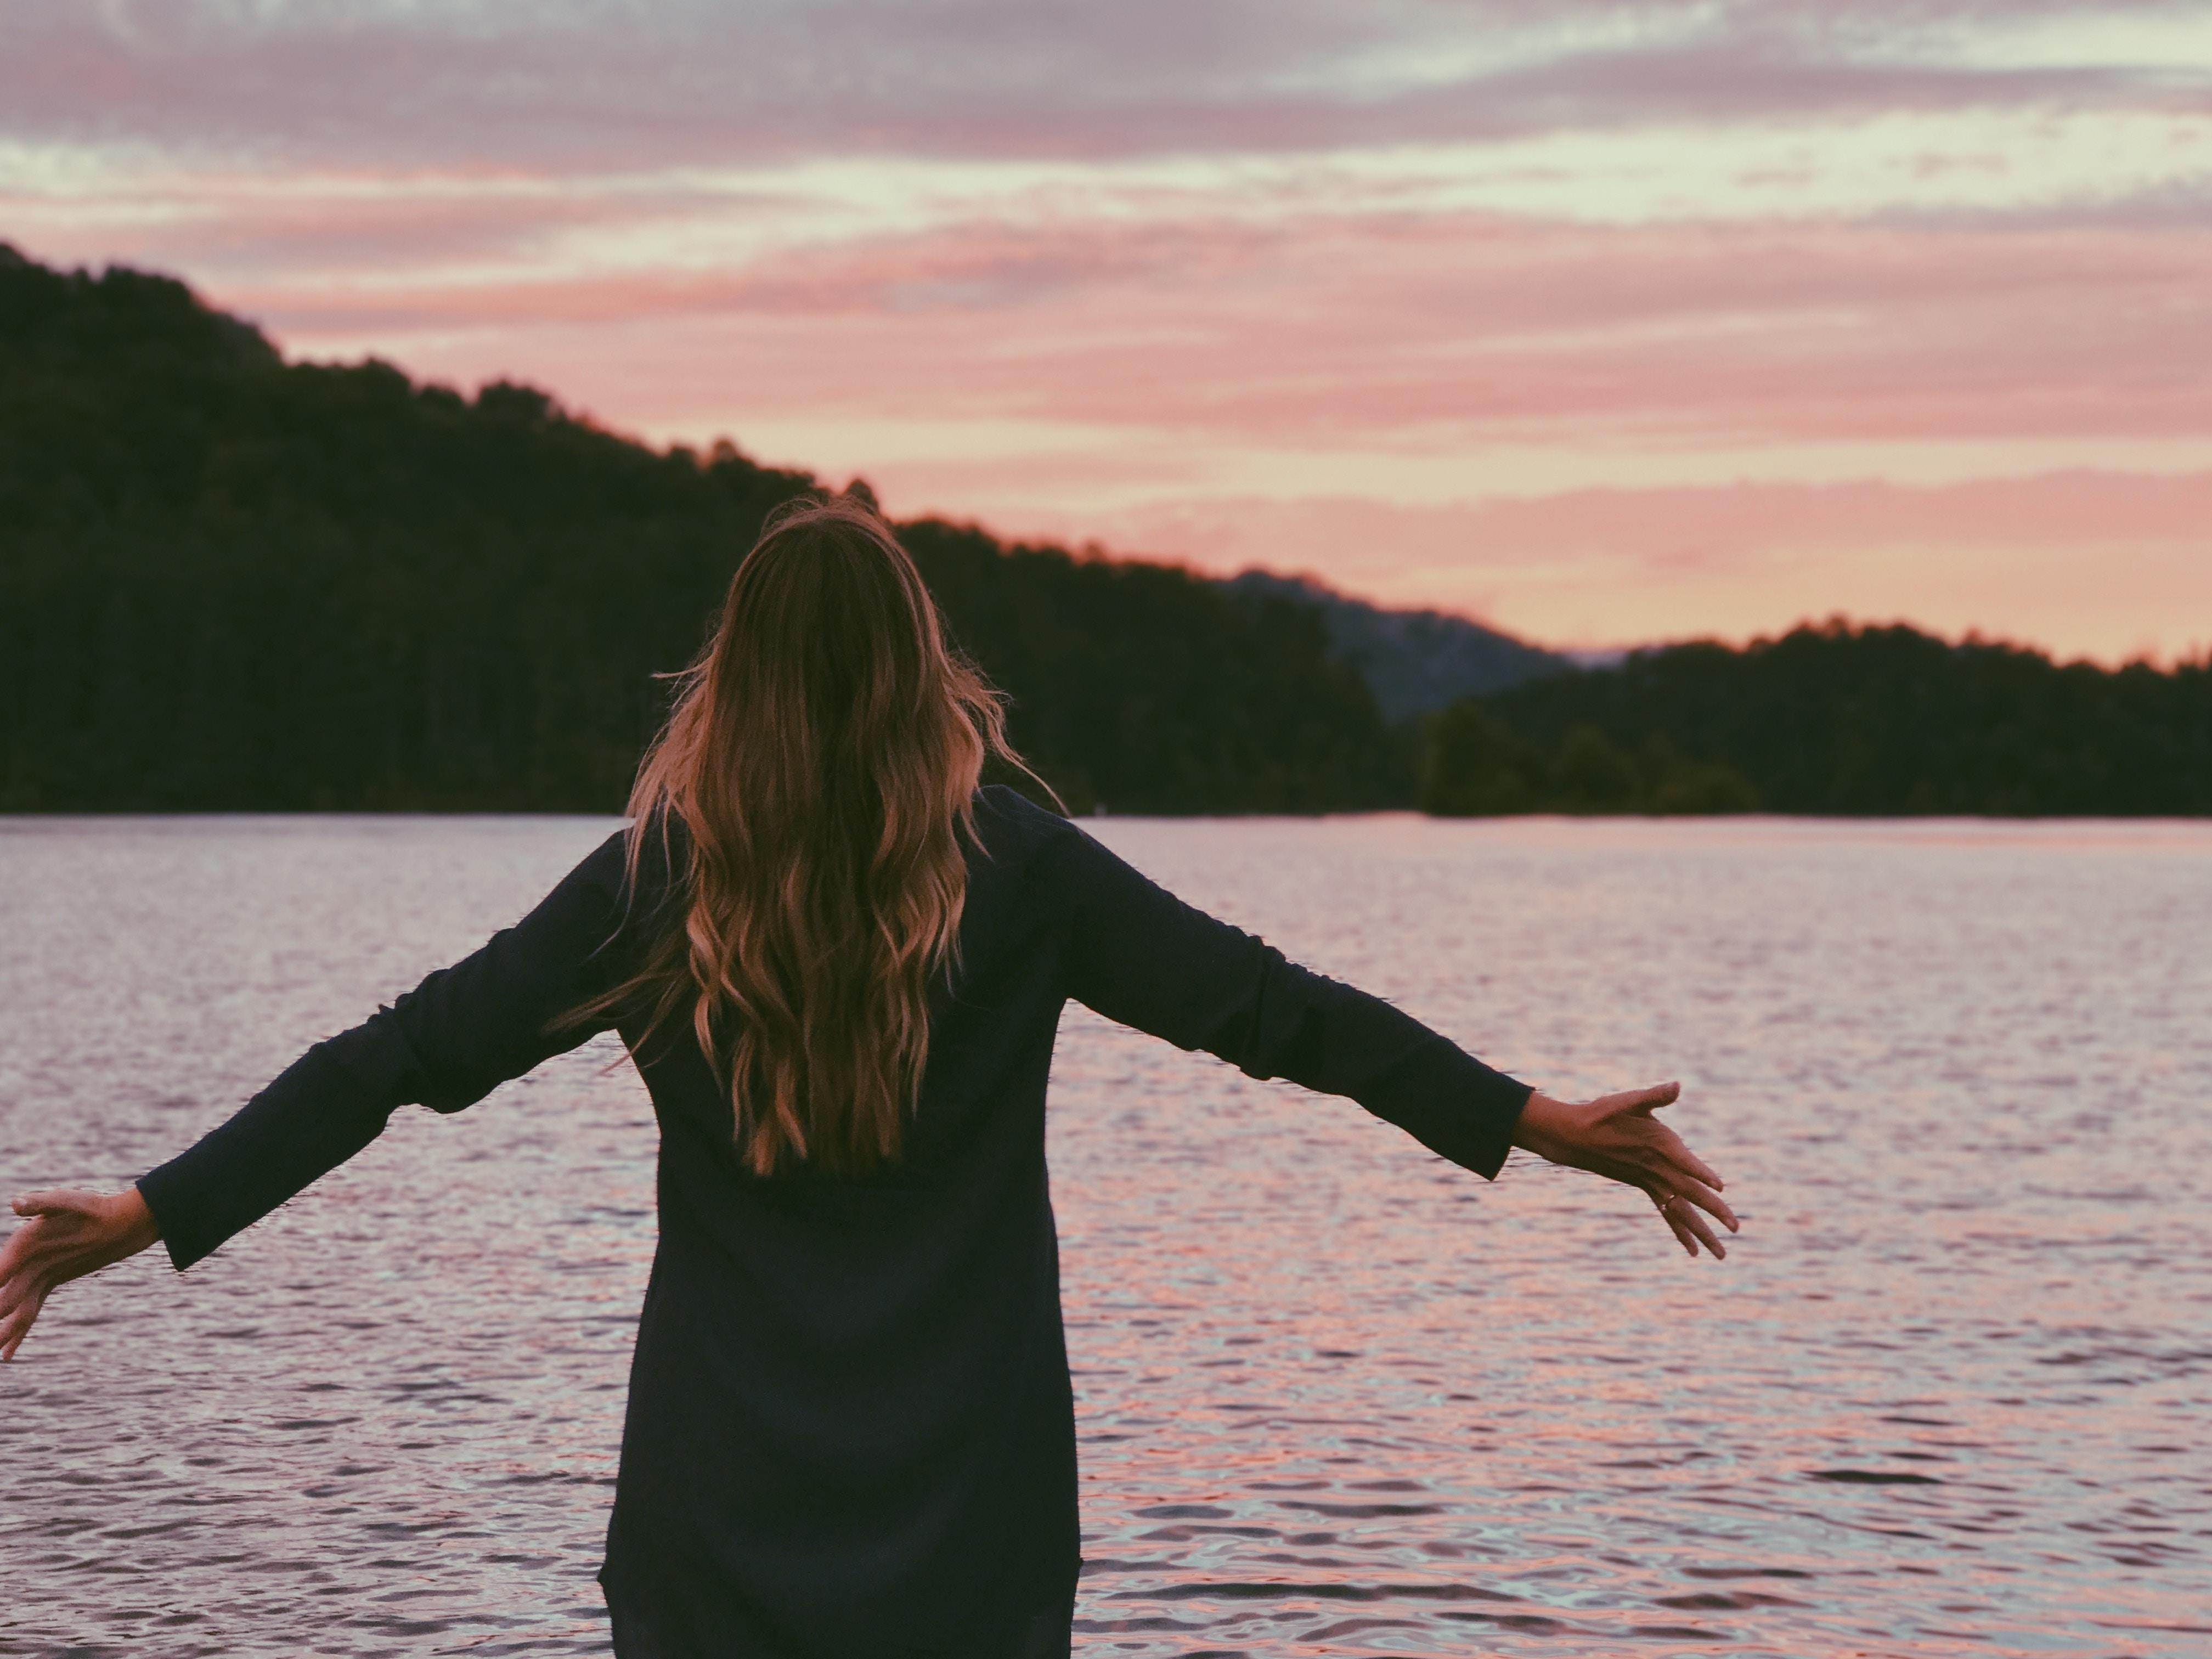 琵琶湖で気持ちよさそうに手を広げる女性の画像